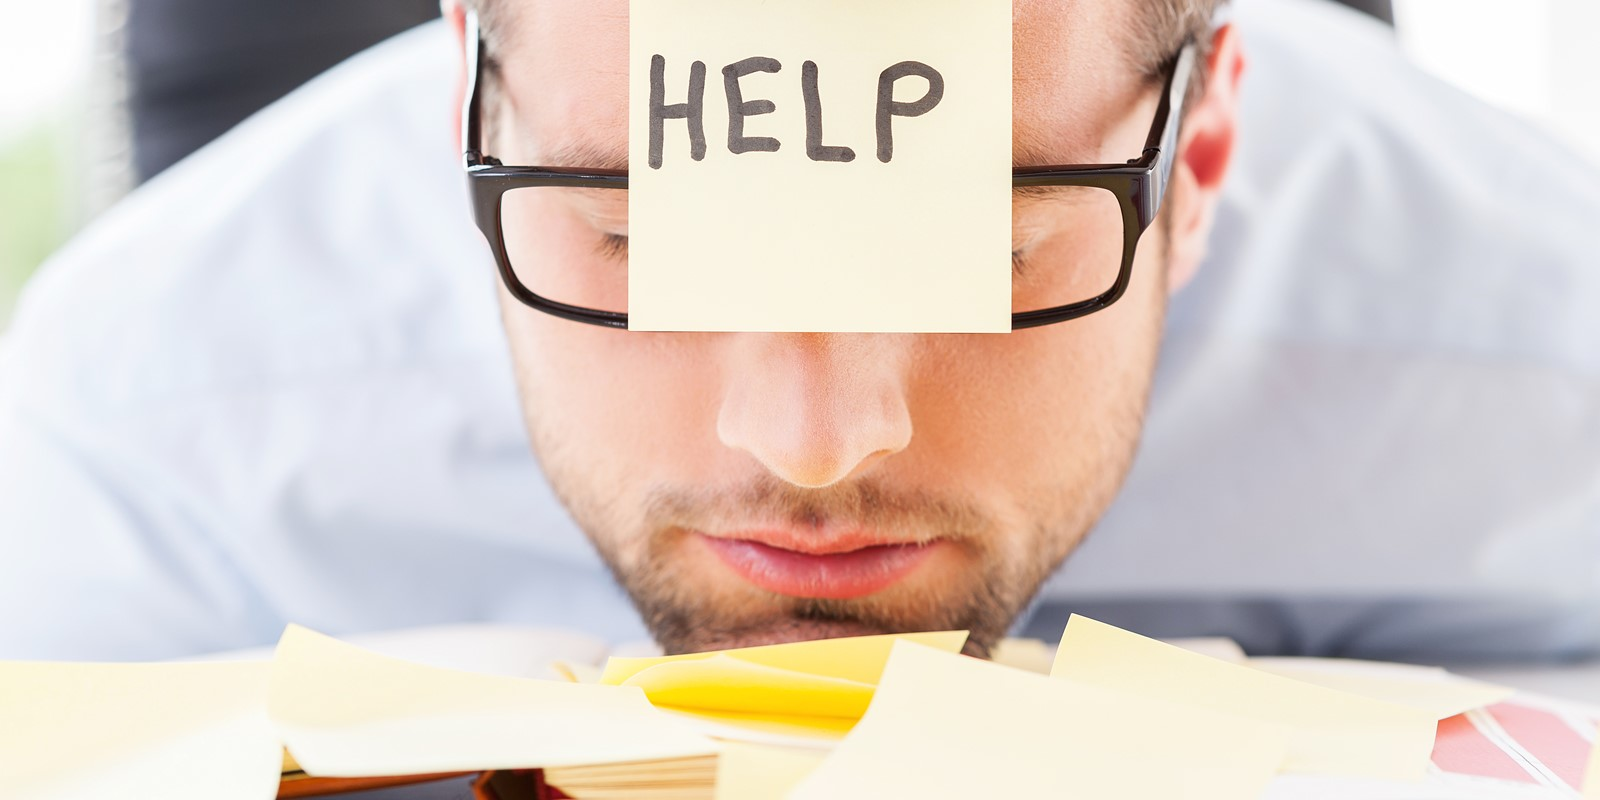 Mit tegyünk, ha nem jelentkeznek az állásinterjú után?